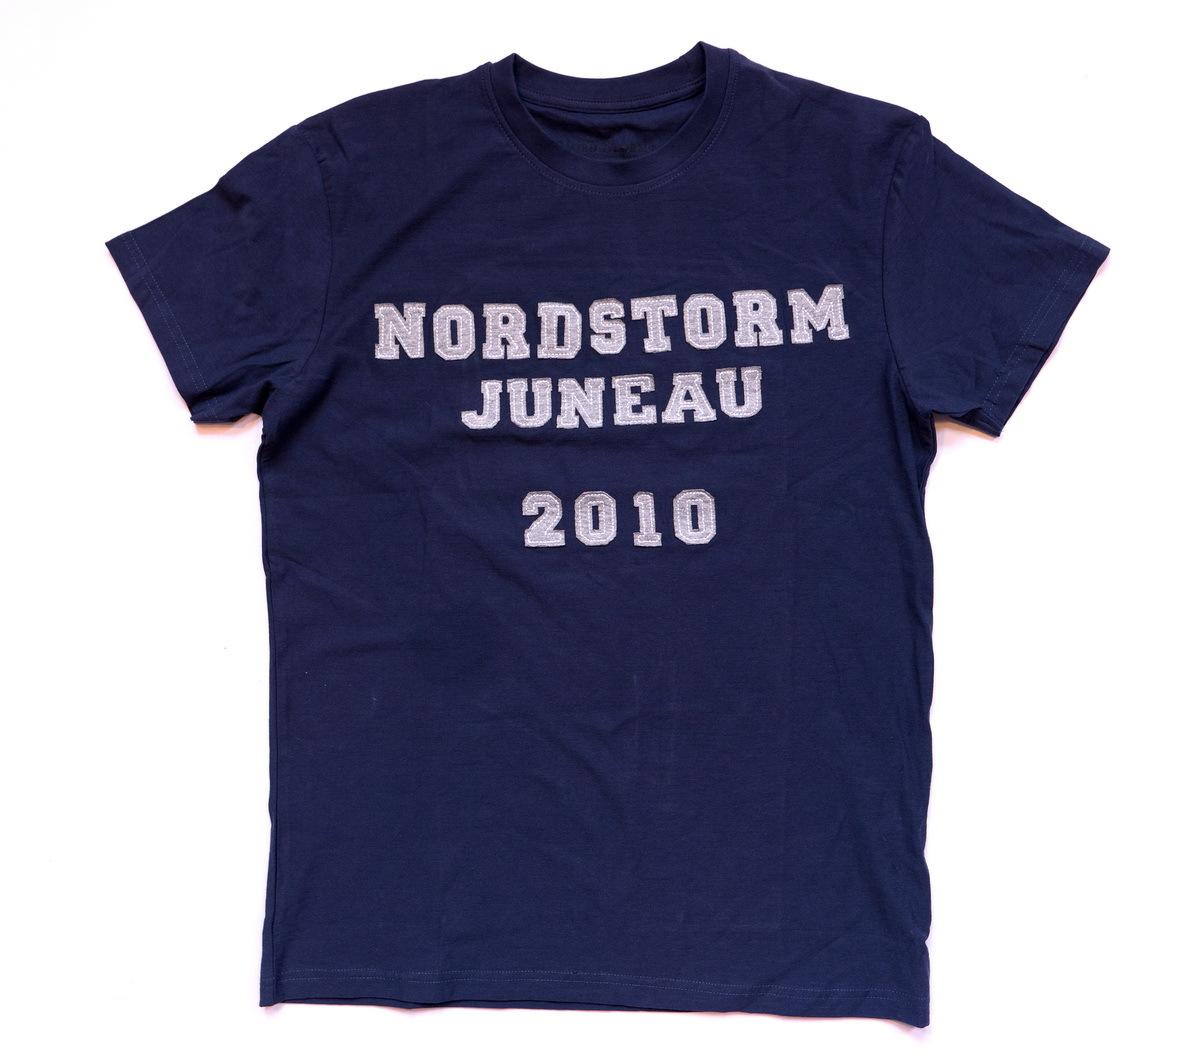 Футболка  Juneau 2010 Nord Storm (синяя)